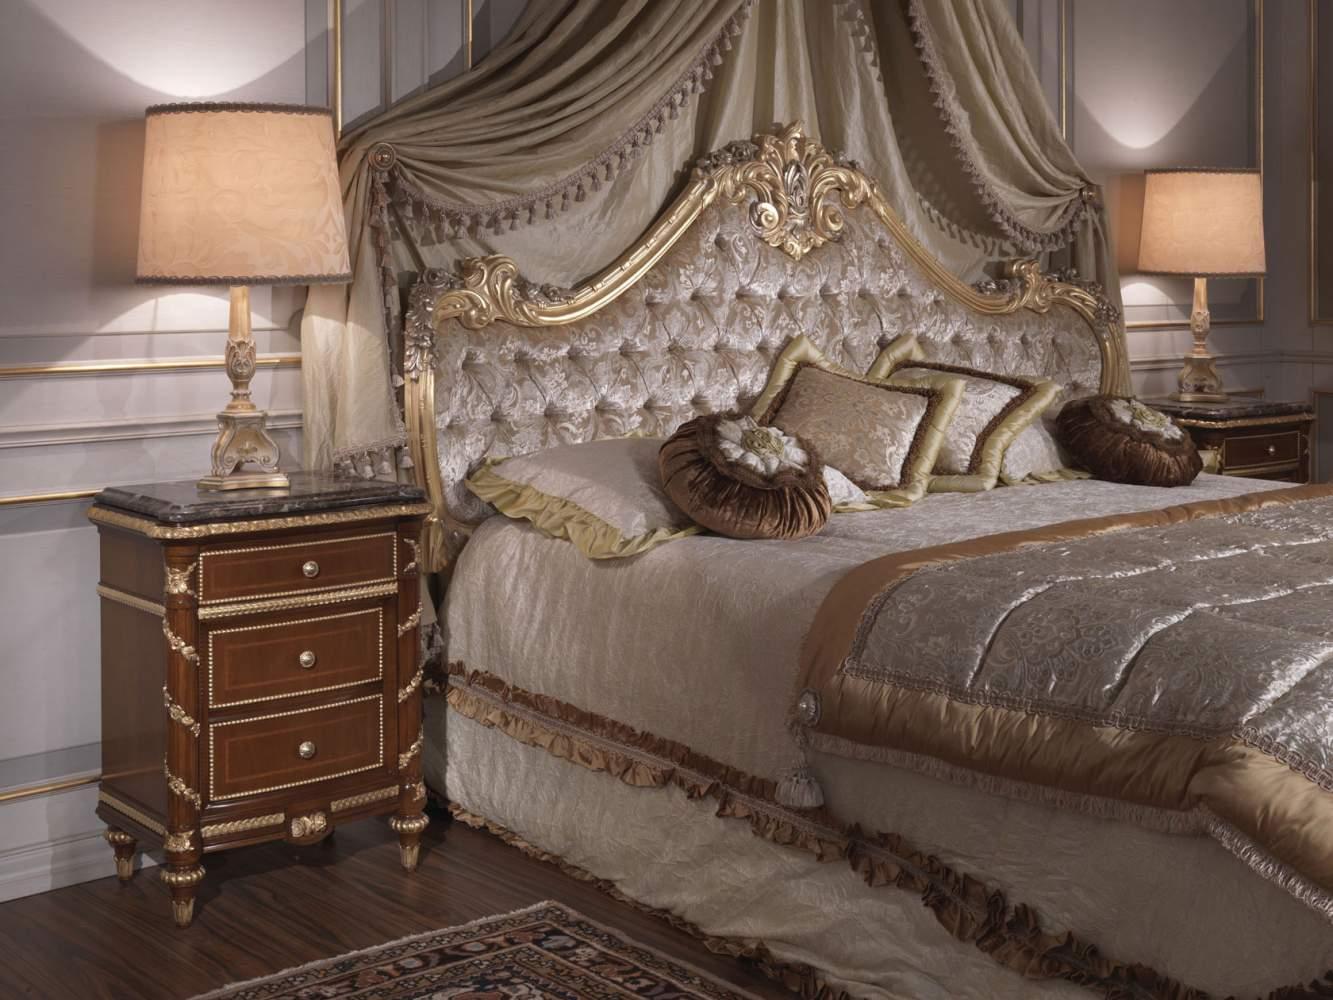 Camera da letto classica letto 700 italiano comodino in - Camera da letto in ciliegio ...